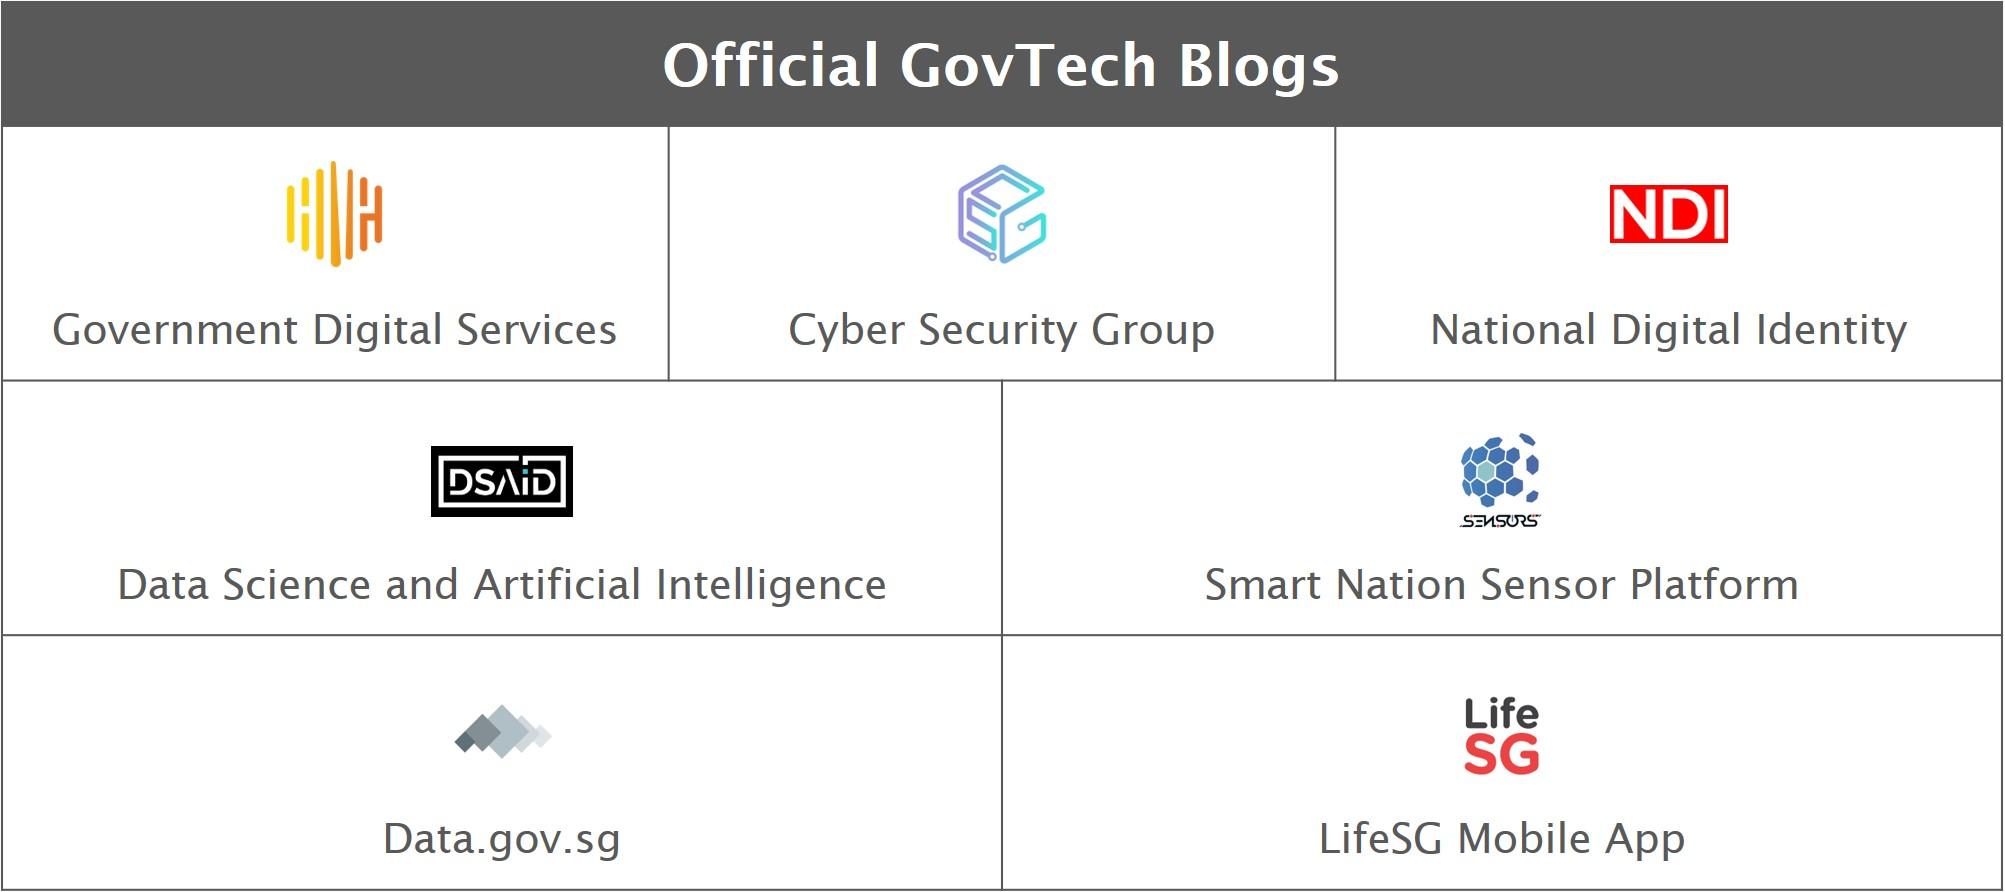 A screenshot of the Data.gov.sg blog